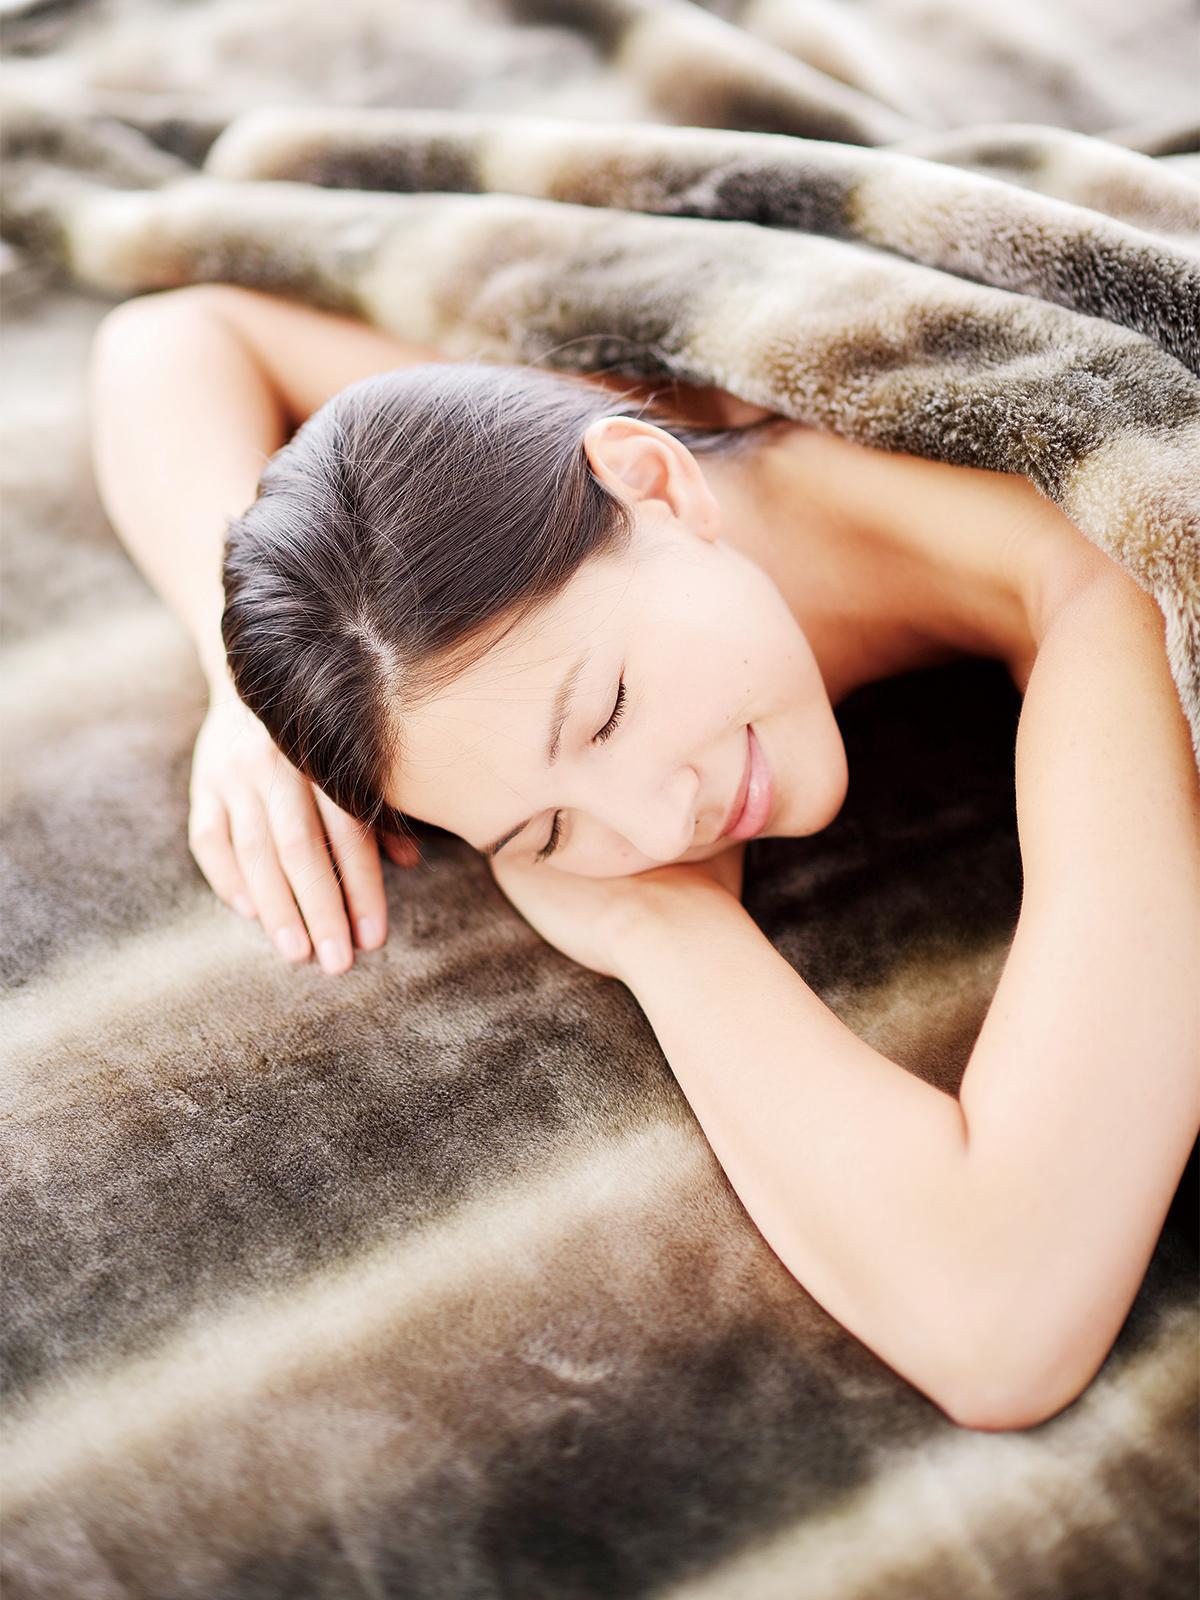 泉大津の毛布職人たちが10年がかりで開発した発熱繊維で暖か!軽さとなめらかさも実現した「掛け毛布・敷き毛布」|CALDONIDO NOTTE(カルドニード ノッテ)